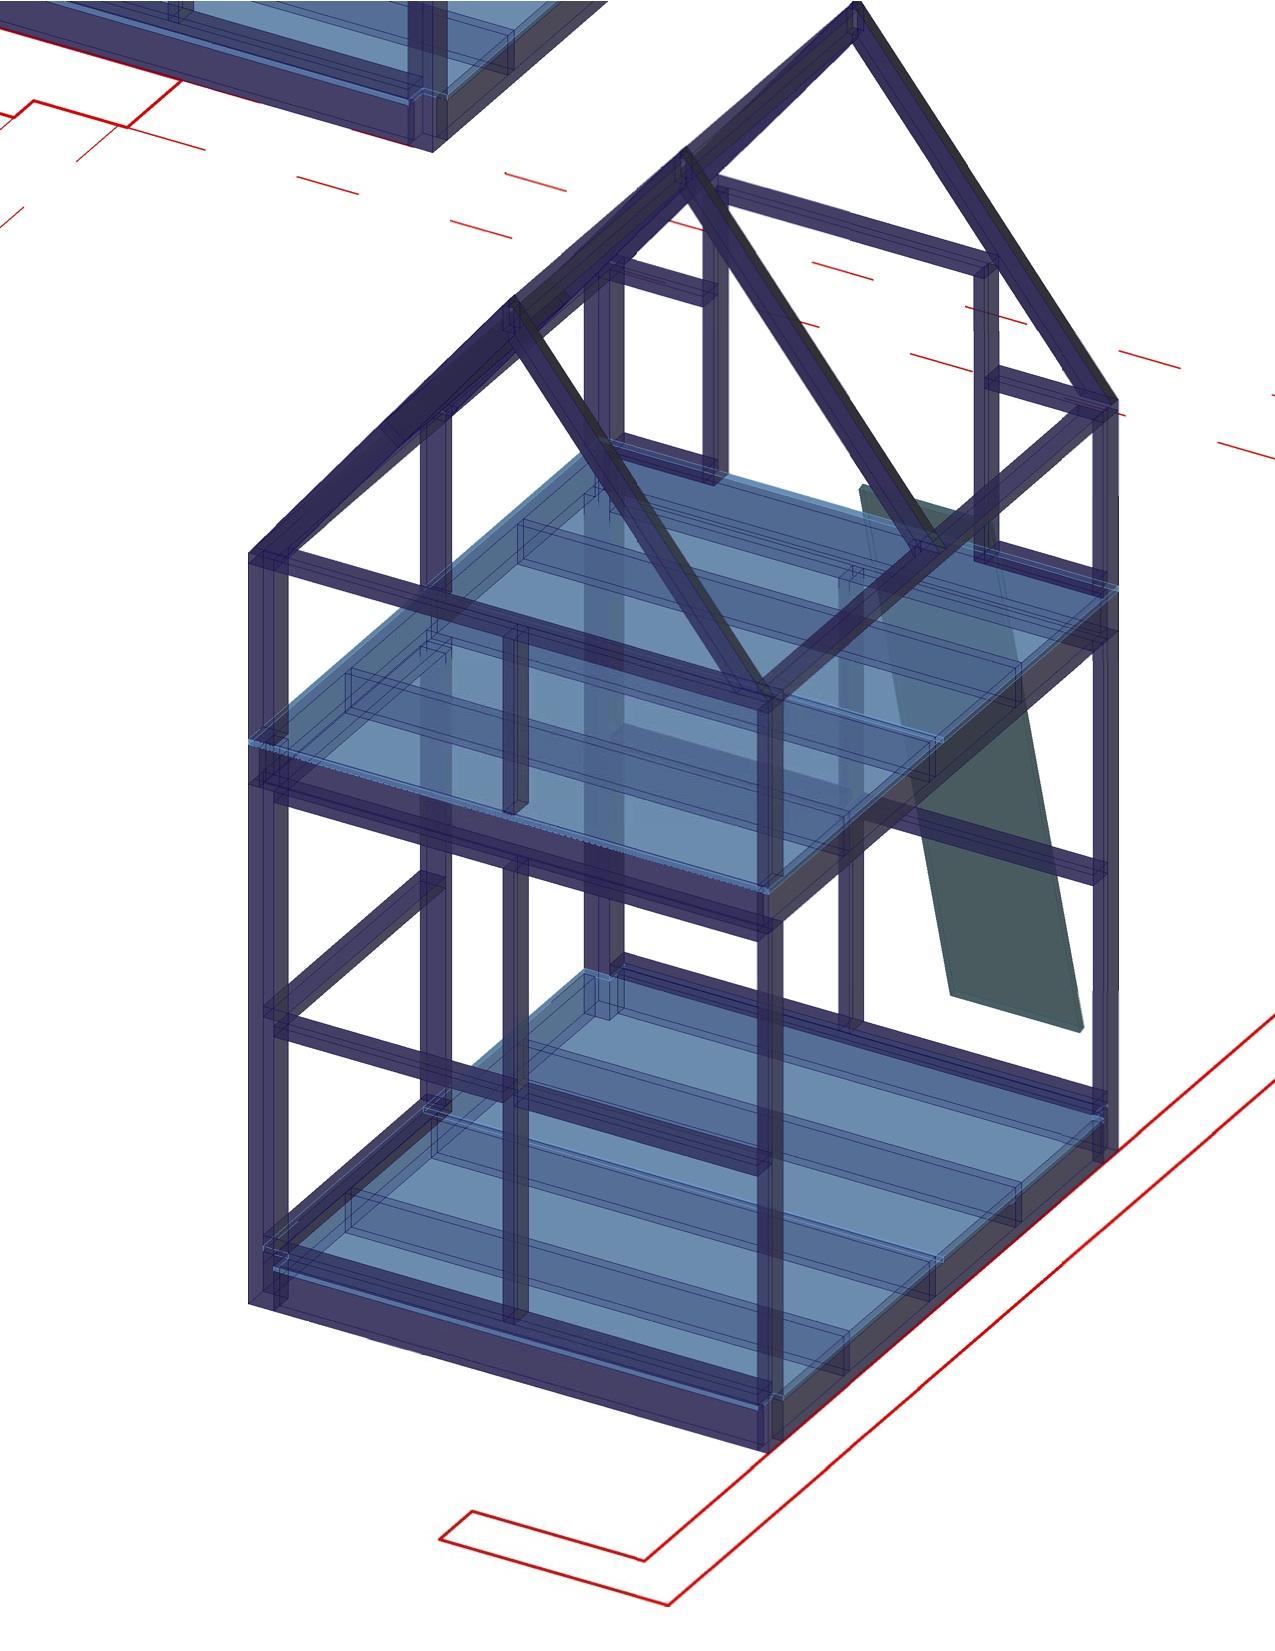 genesisproject2011_6538571013_o.jpg